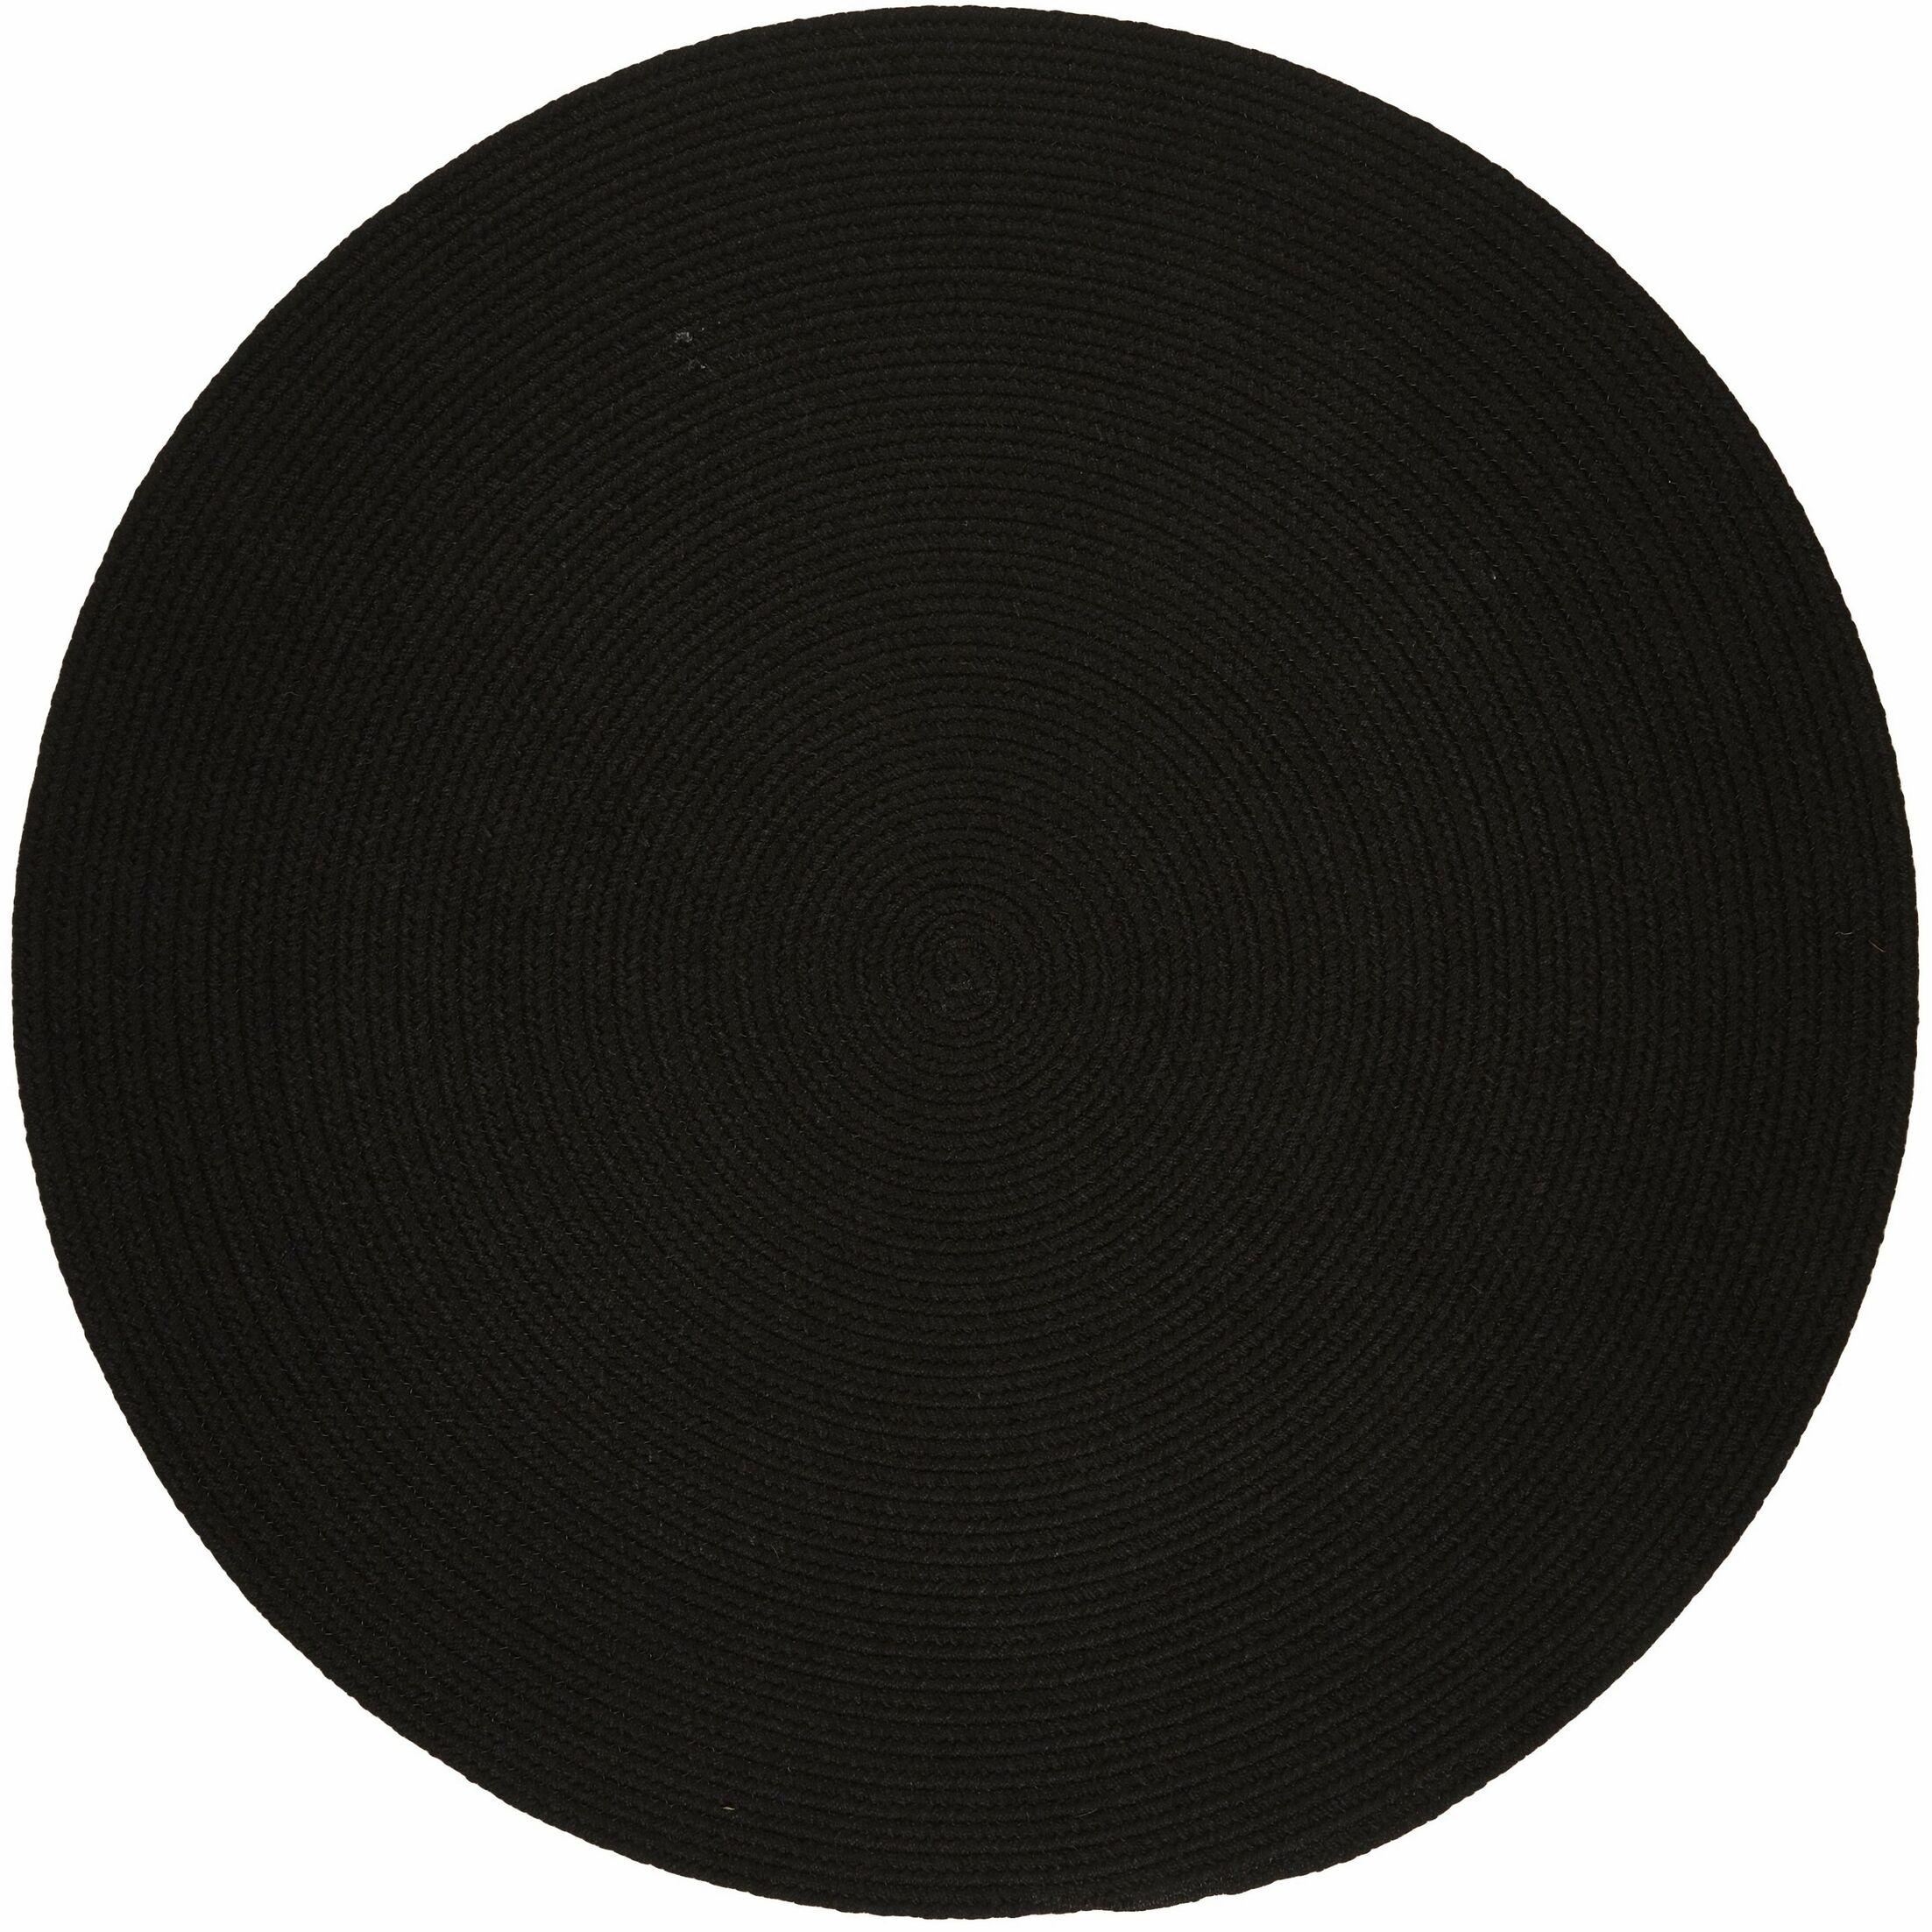 Handmade Black Indoor/Outdoor Area Rug Rug Size: Round 4'